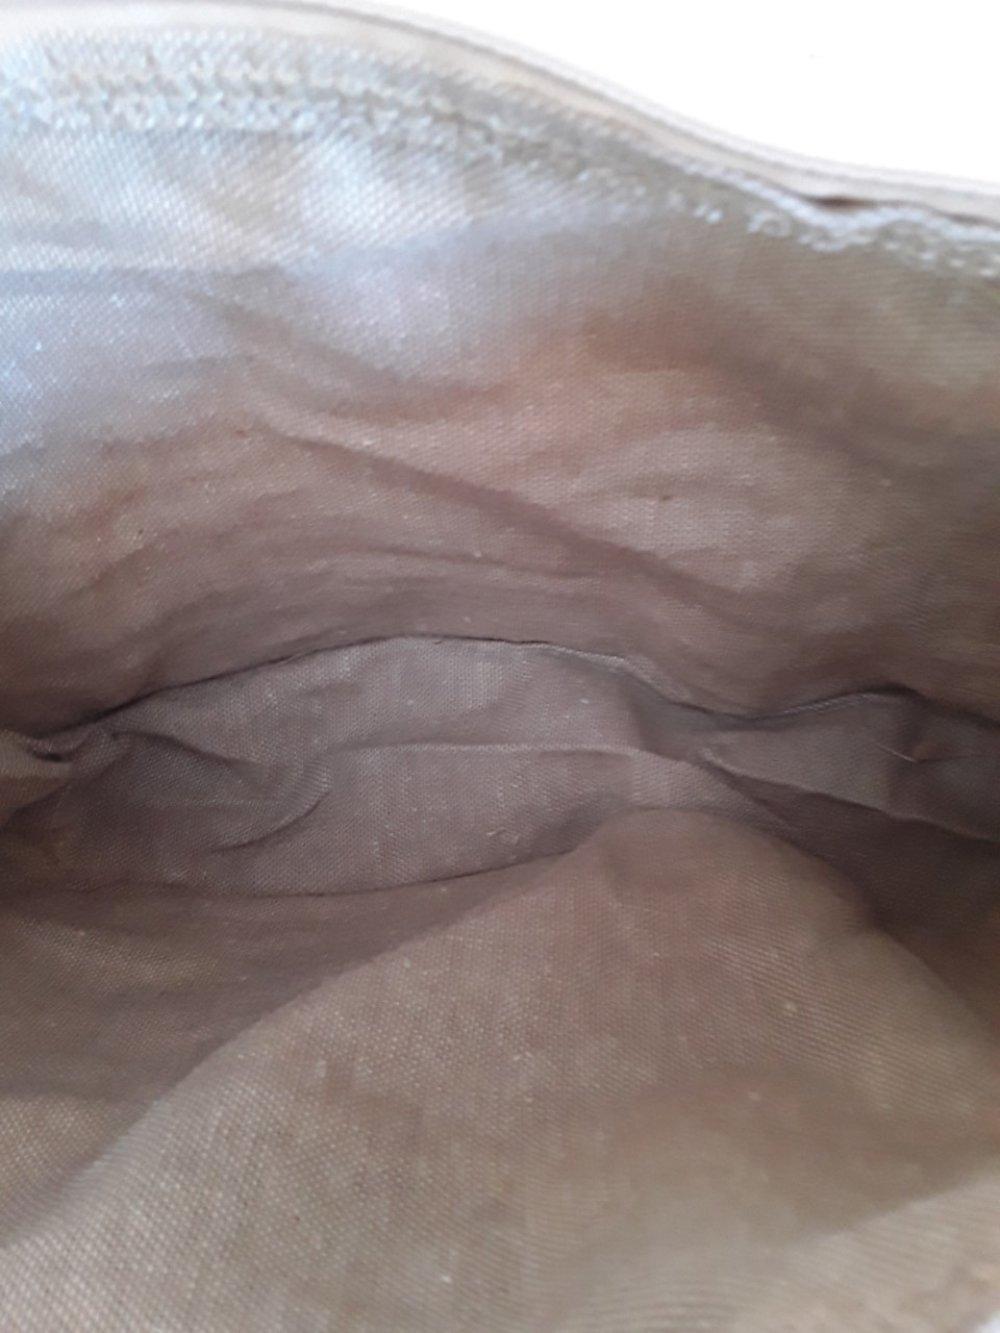 trousse, beige, lignes dorées, teckel brun couché,  doublée, tirette , 25/15/5cm,, breloque